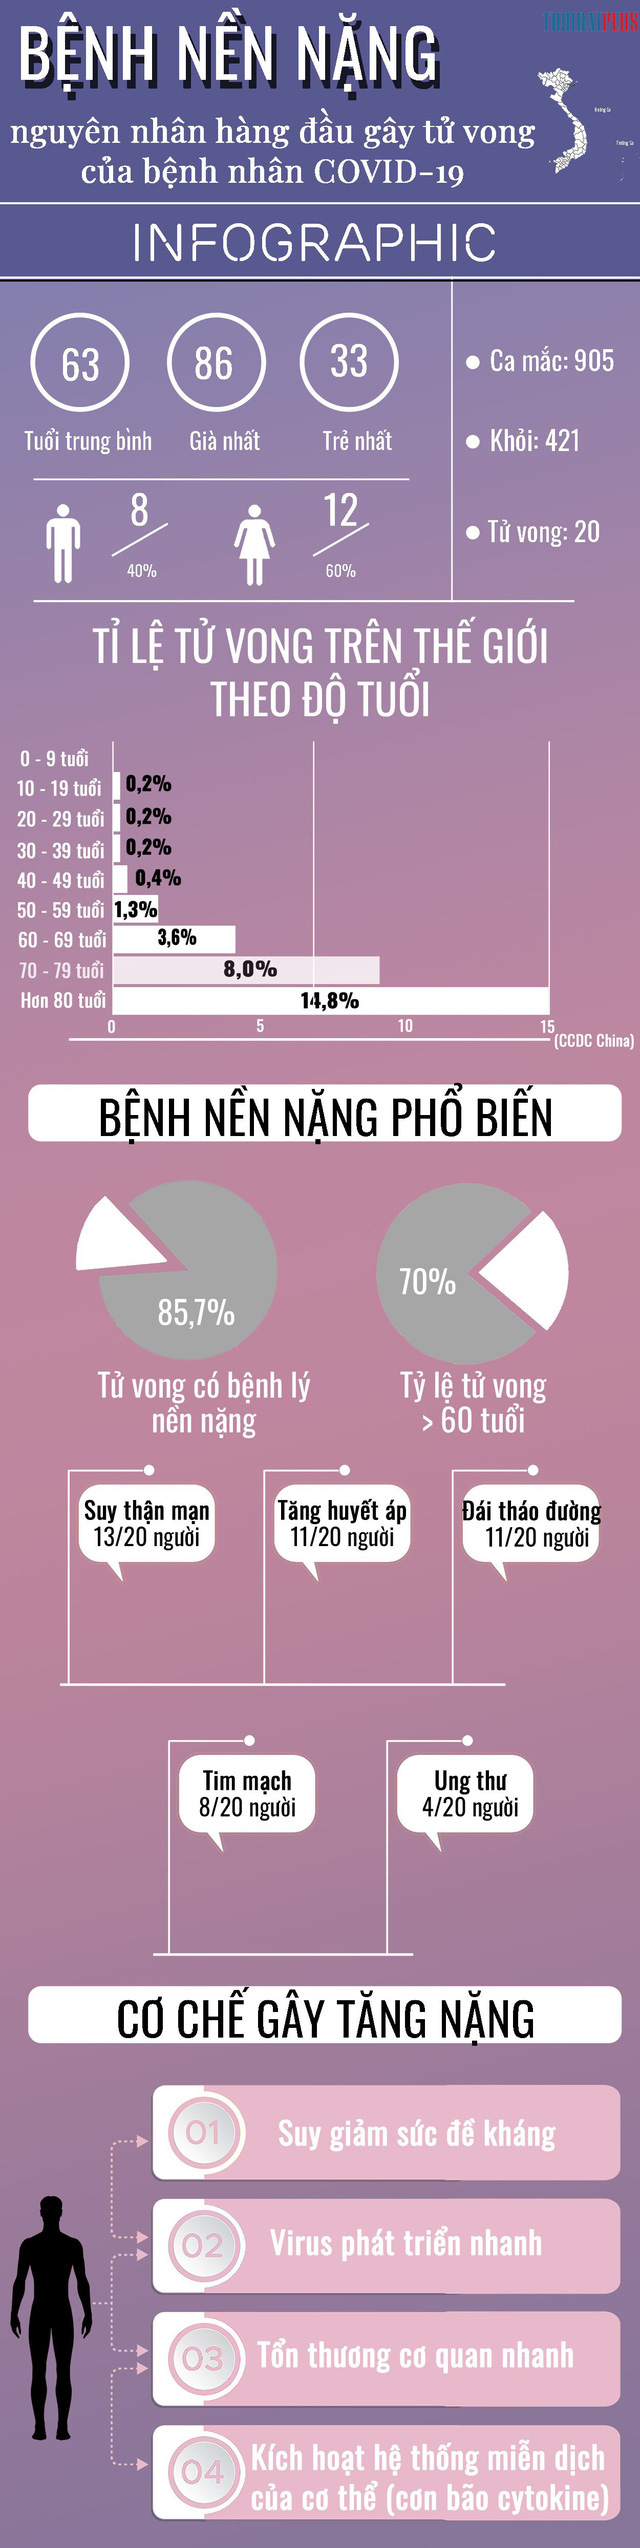 [Infographic] - Bệnh nền nặng nguyên nhân hàng đầu gây tử vong của bệnh nhân COVID-19 - Ảnh 1.